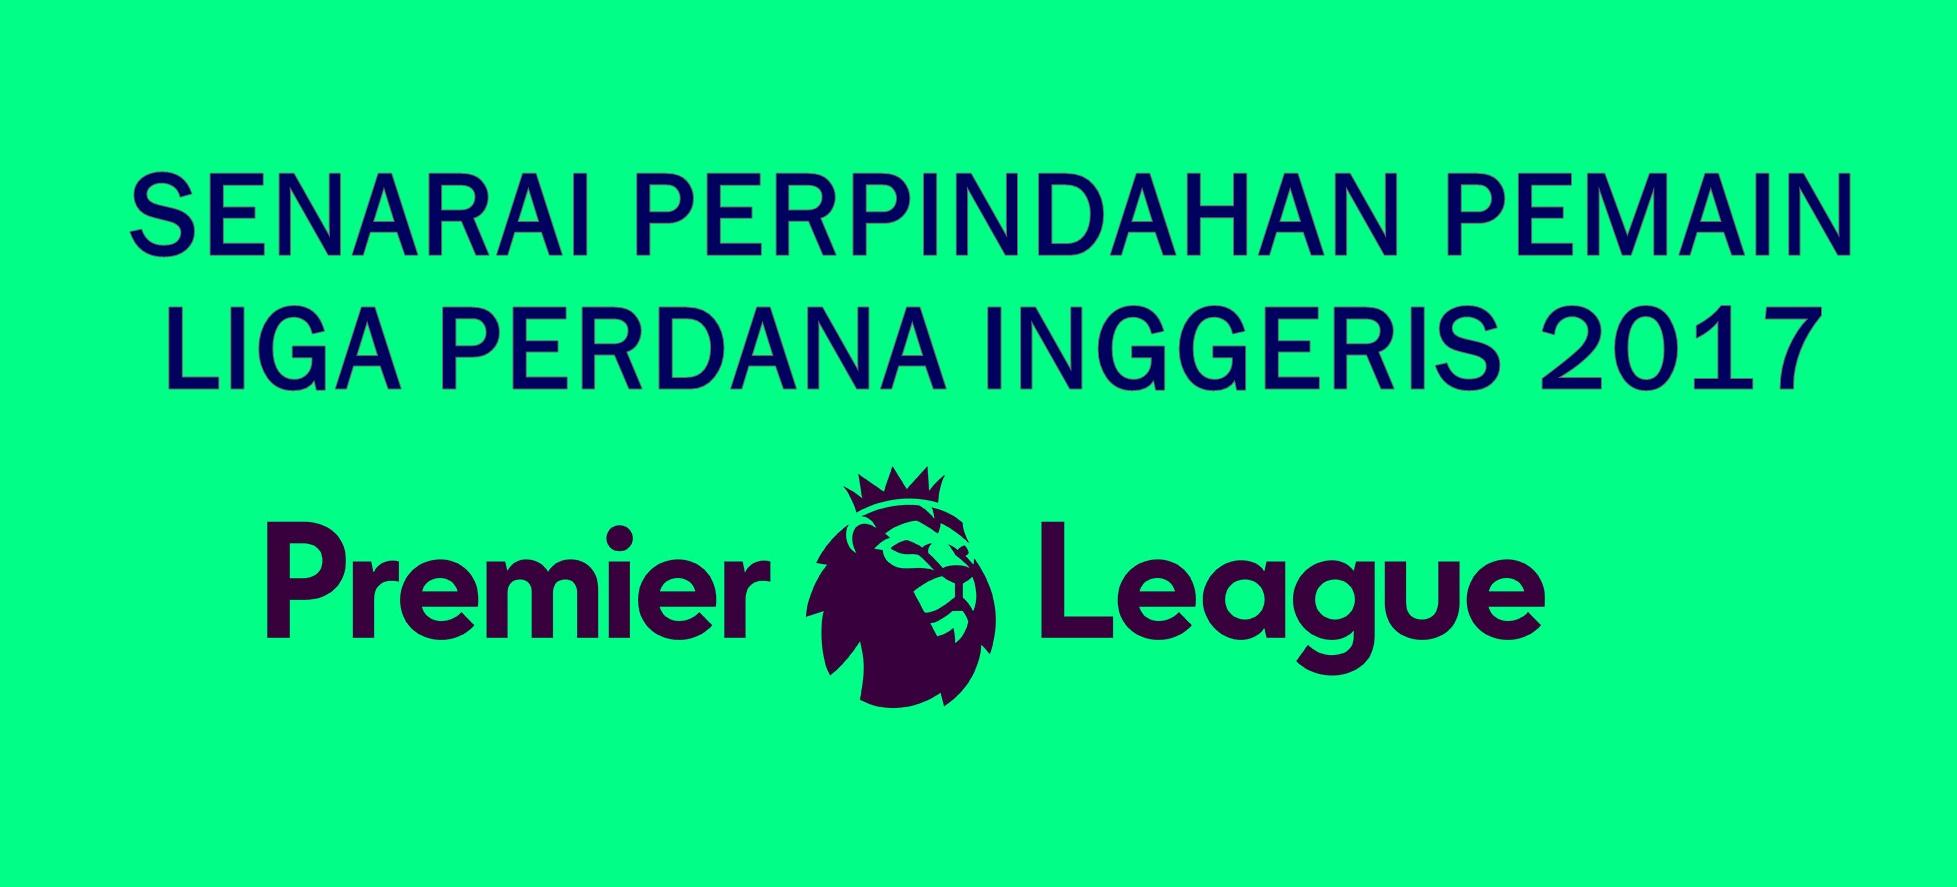 Senarai Perpindahan Liga Perdana Inggeris 2017